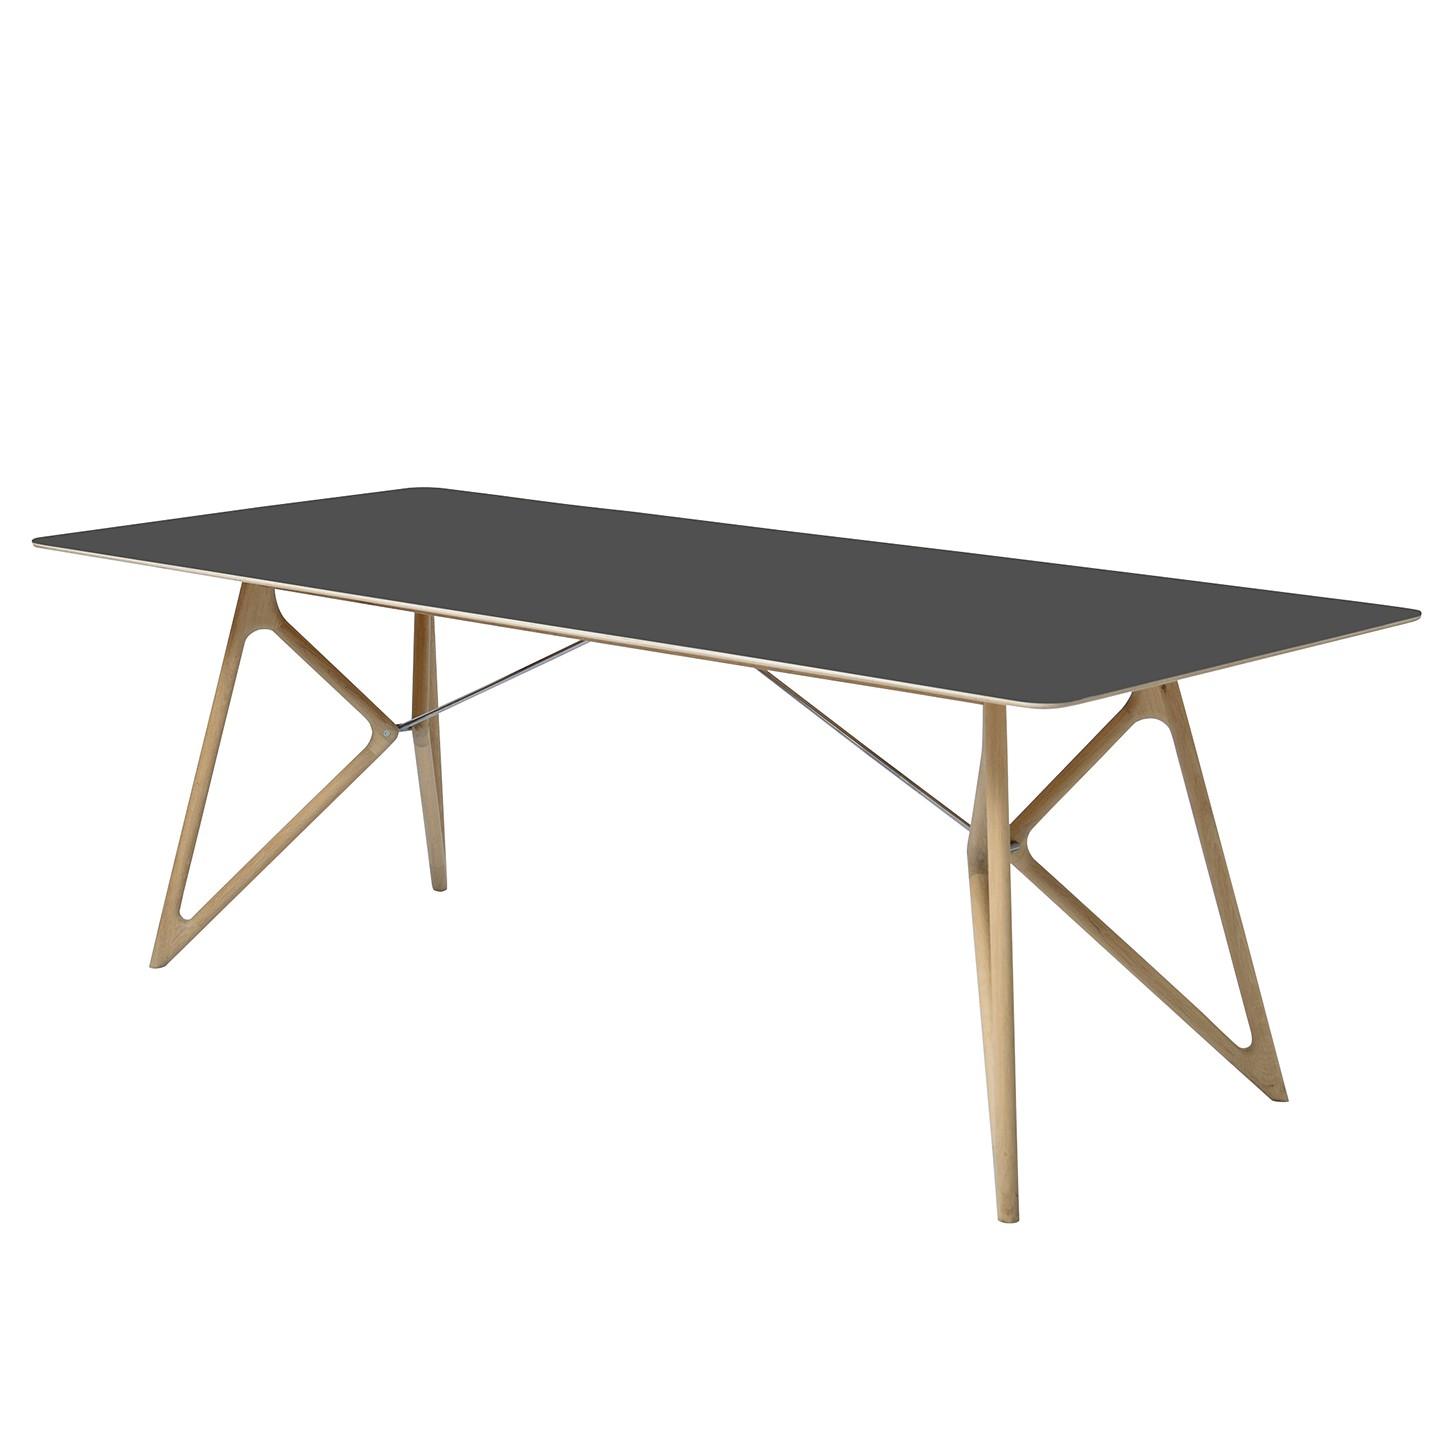 esstisch eiche 180 x 90 preisvergleich die besten angebote online kaufen. Black Bedroom Furniture Sets. Home Design Ideas